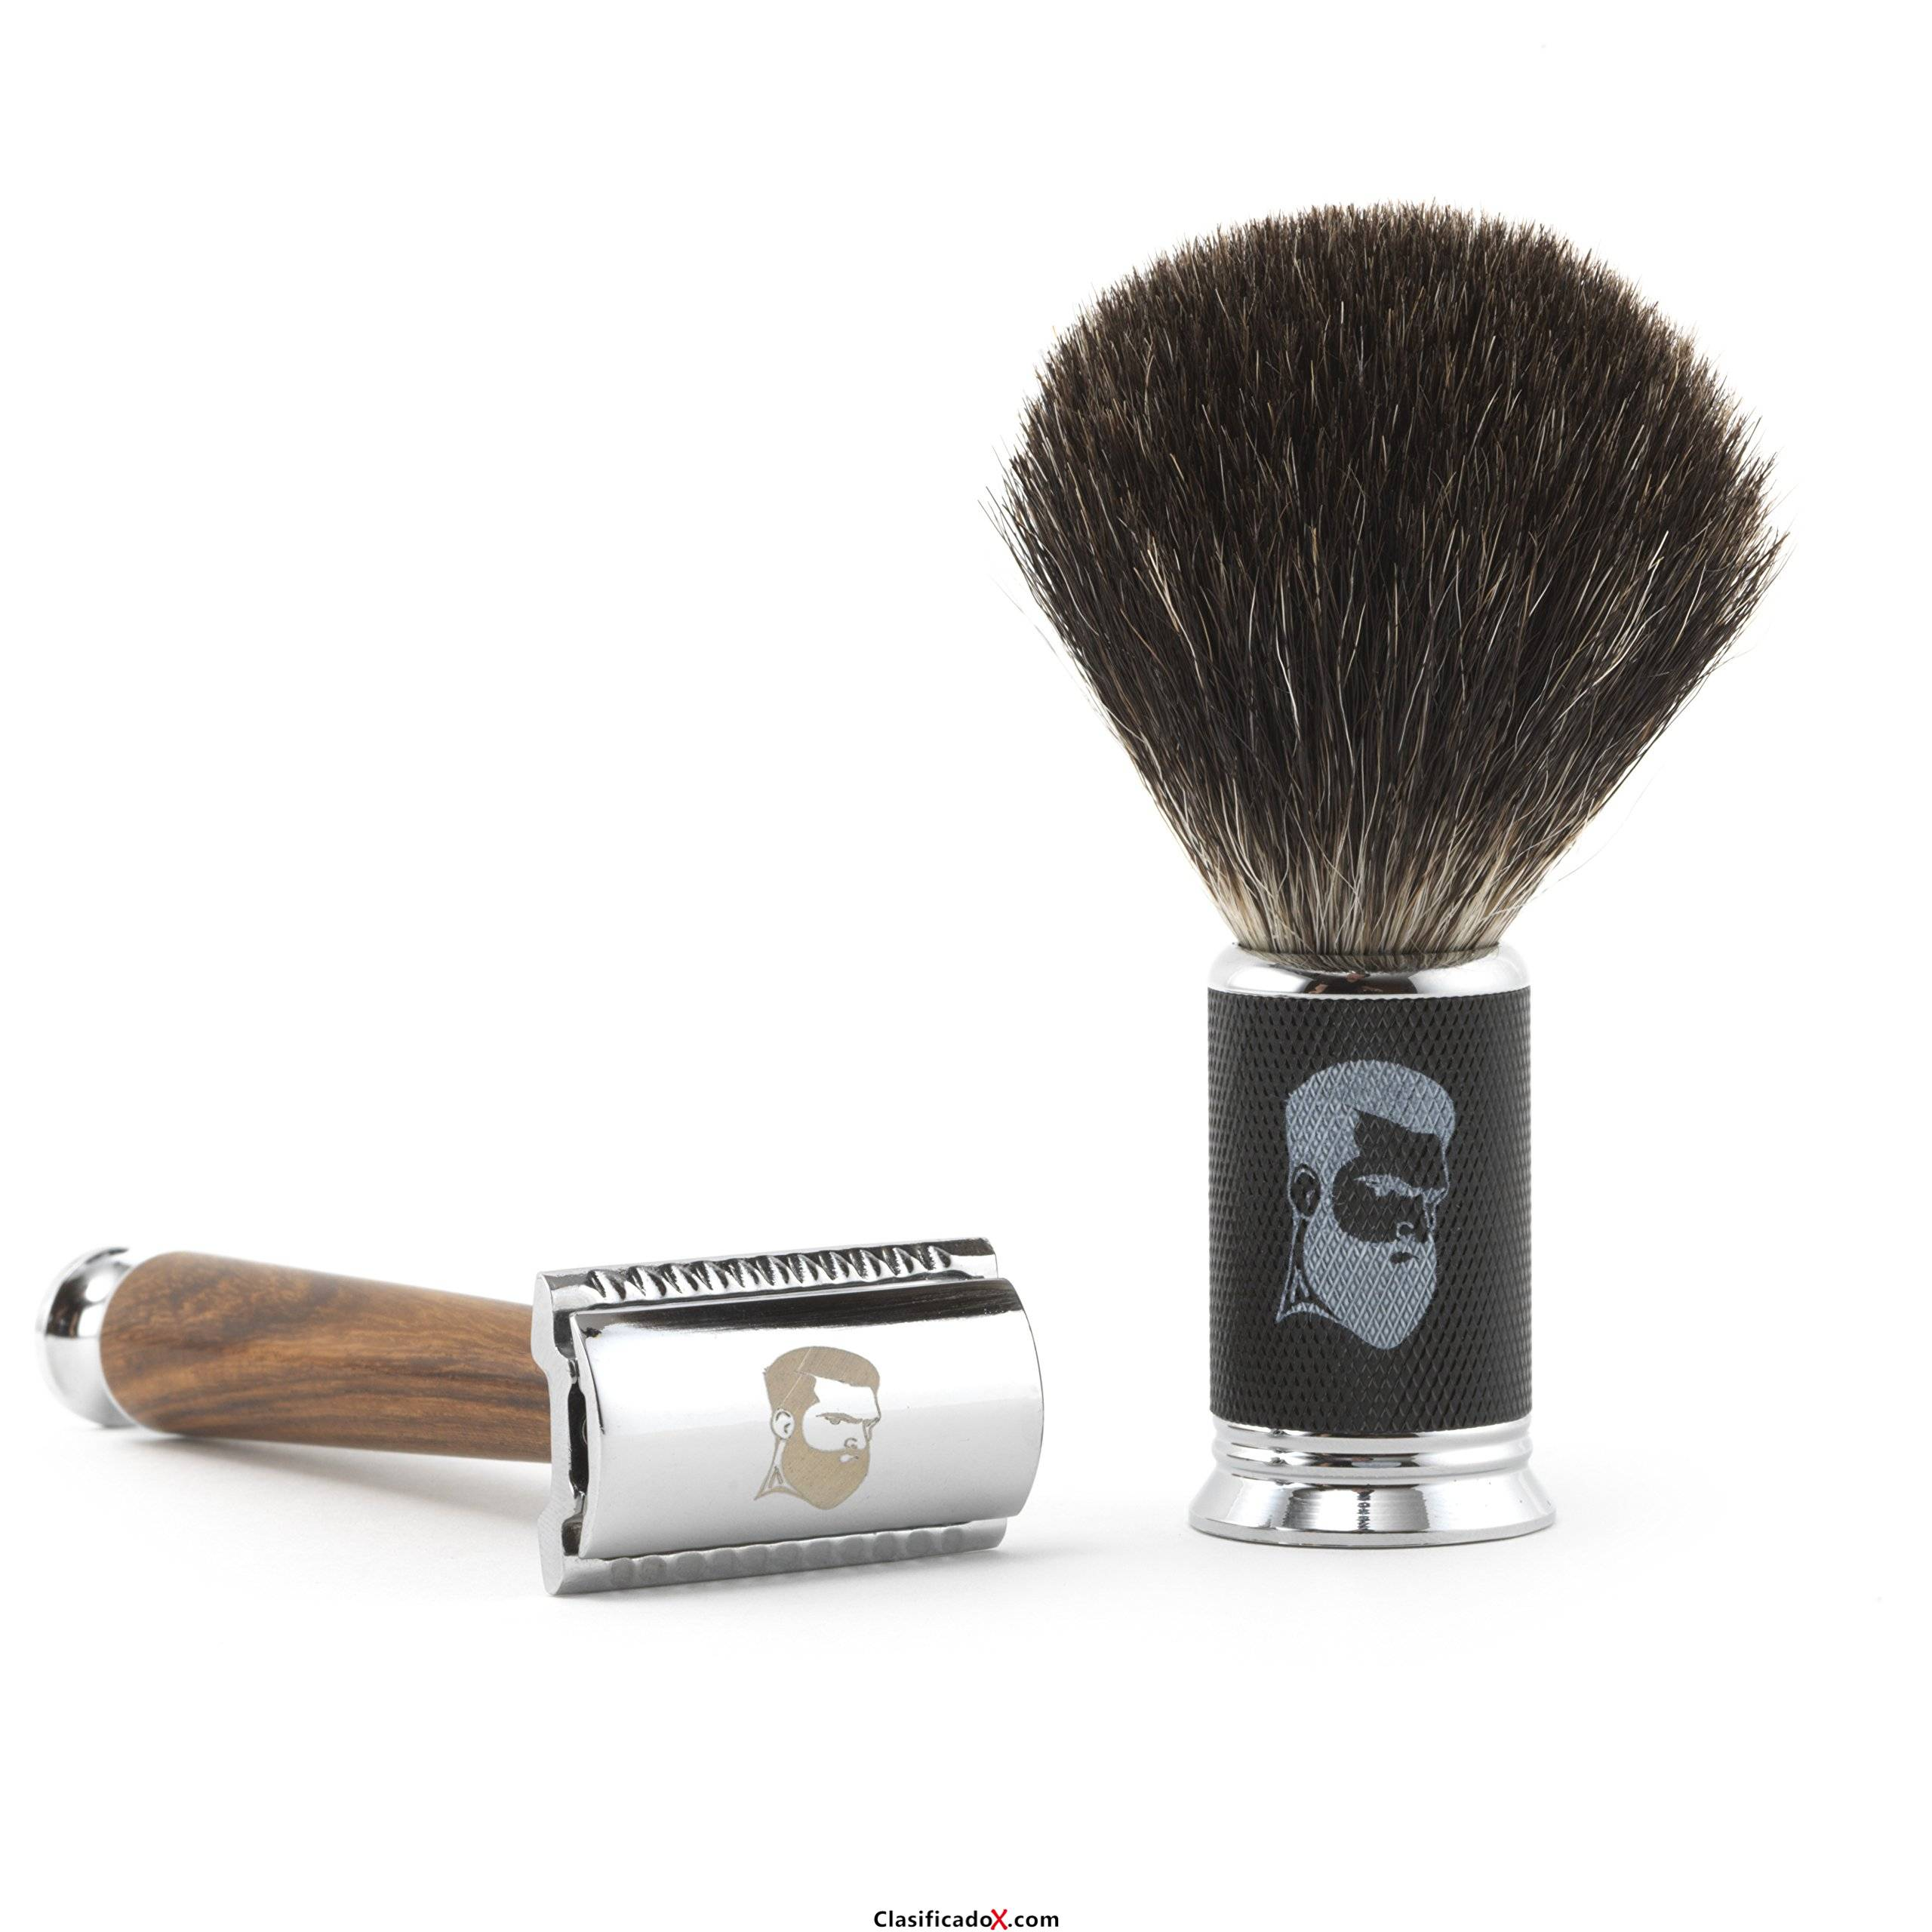 Rusty Bob - Maquinilla de afeitar y cepillo de afeitar hecha de pelo de tejón y el afeitado y cinco hojas de afeitar - Safety Razor - Set 10. Envíos a Jaén